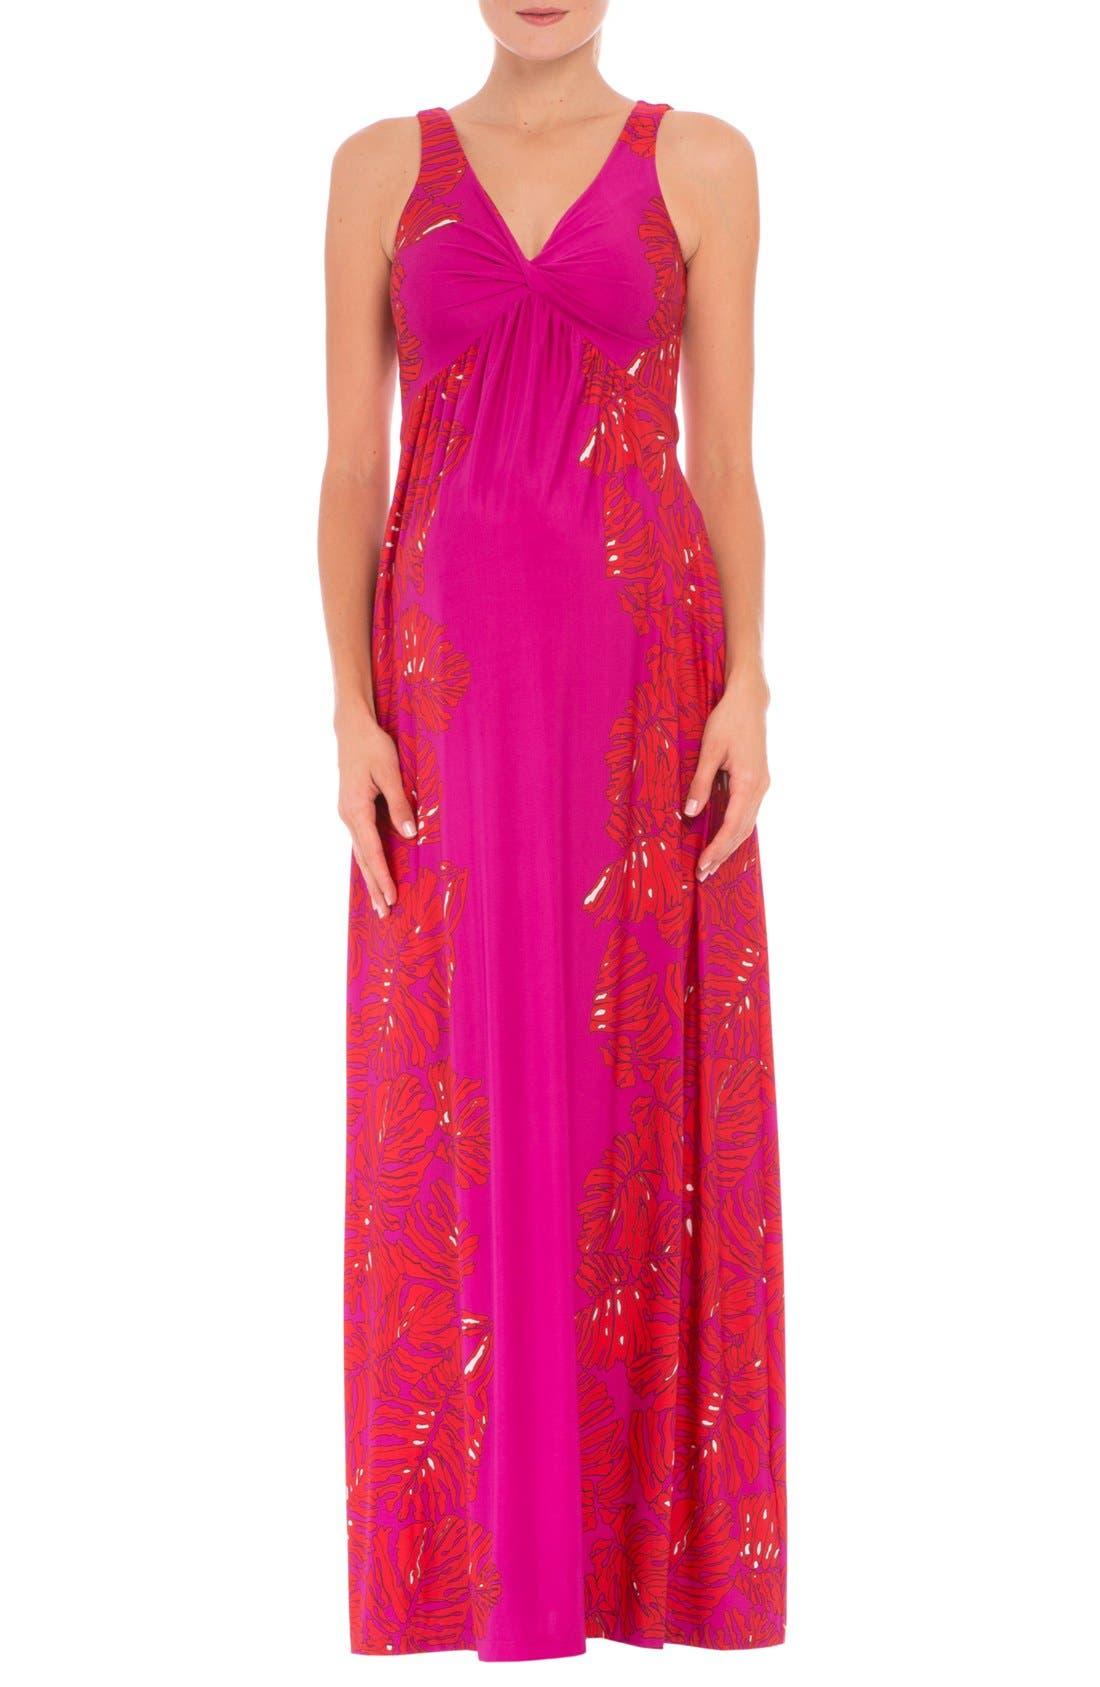 Main Image - Olian 'Scarlet' Sleeveless Maternity Maxi Dress